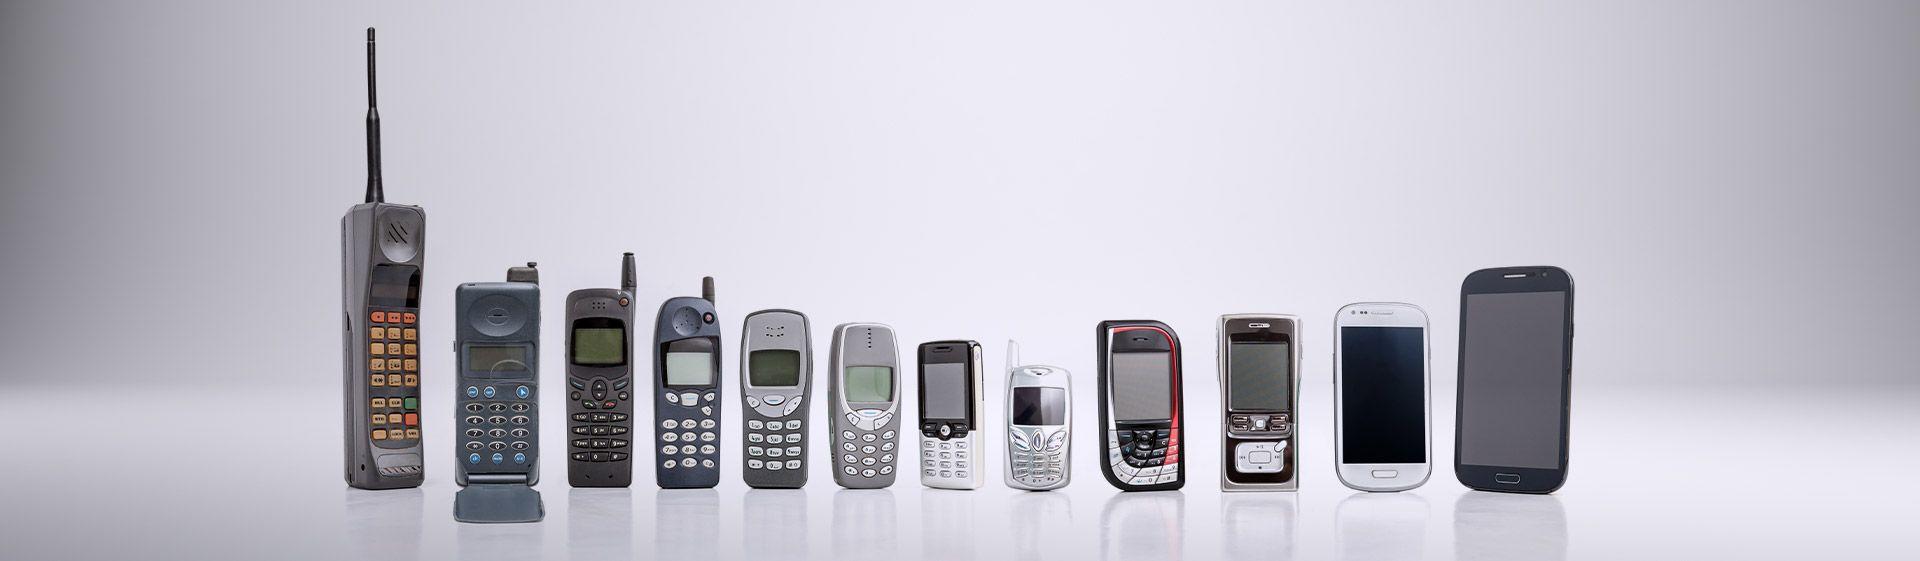 12 celulares antigos lado a lado em fundo acinzentado